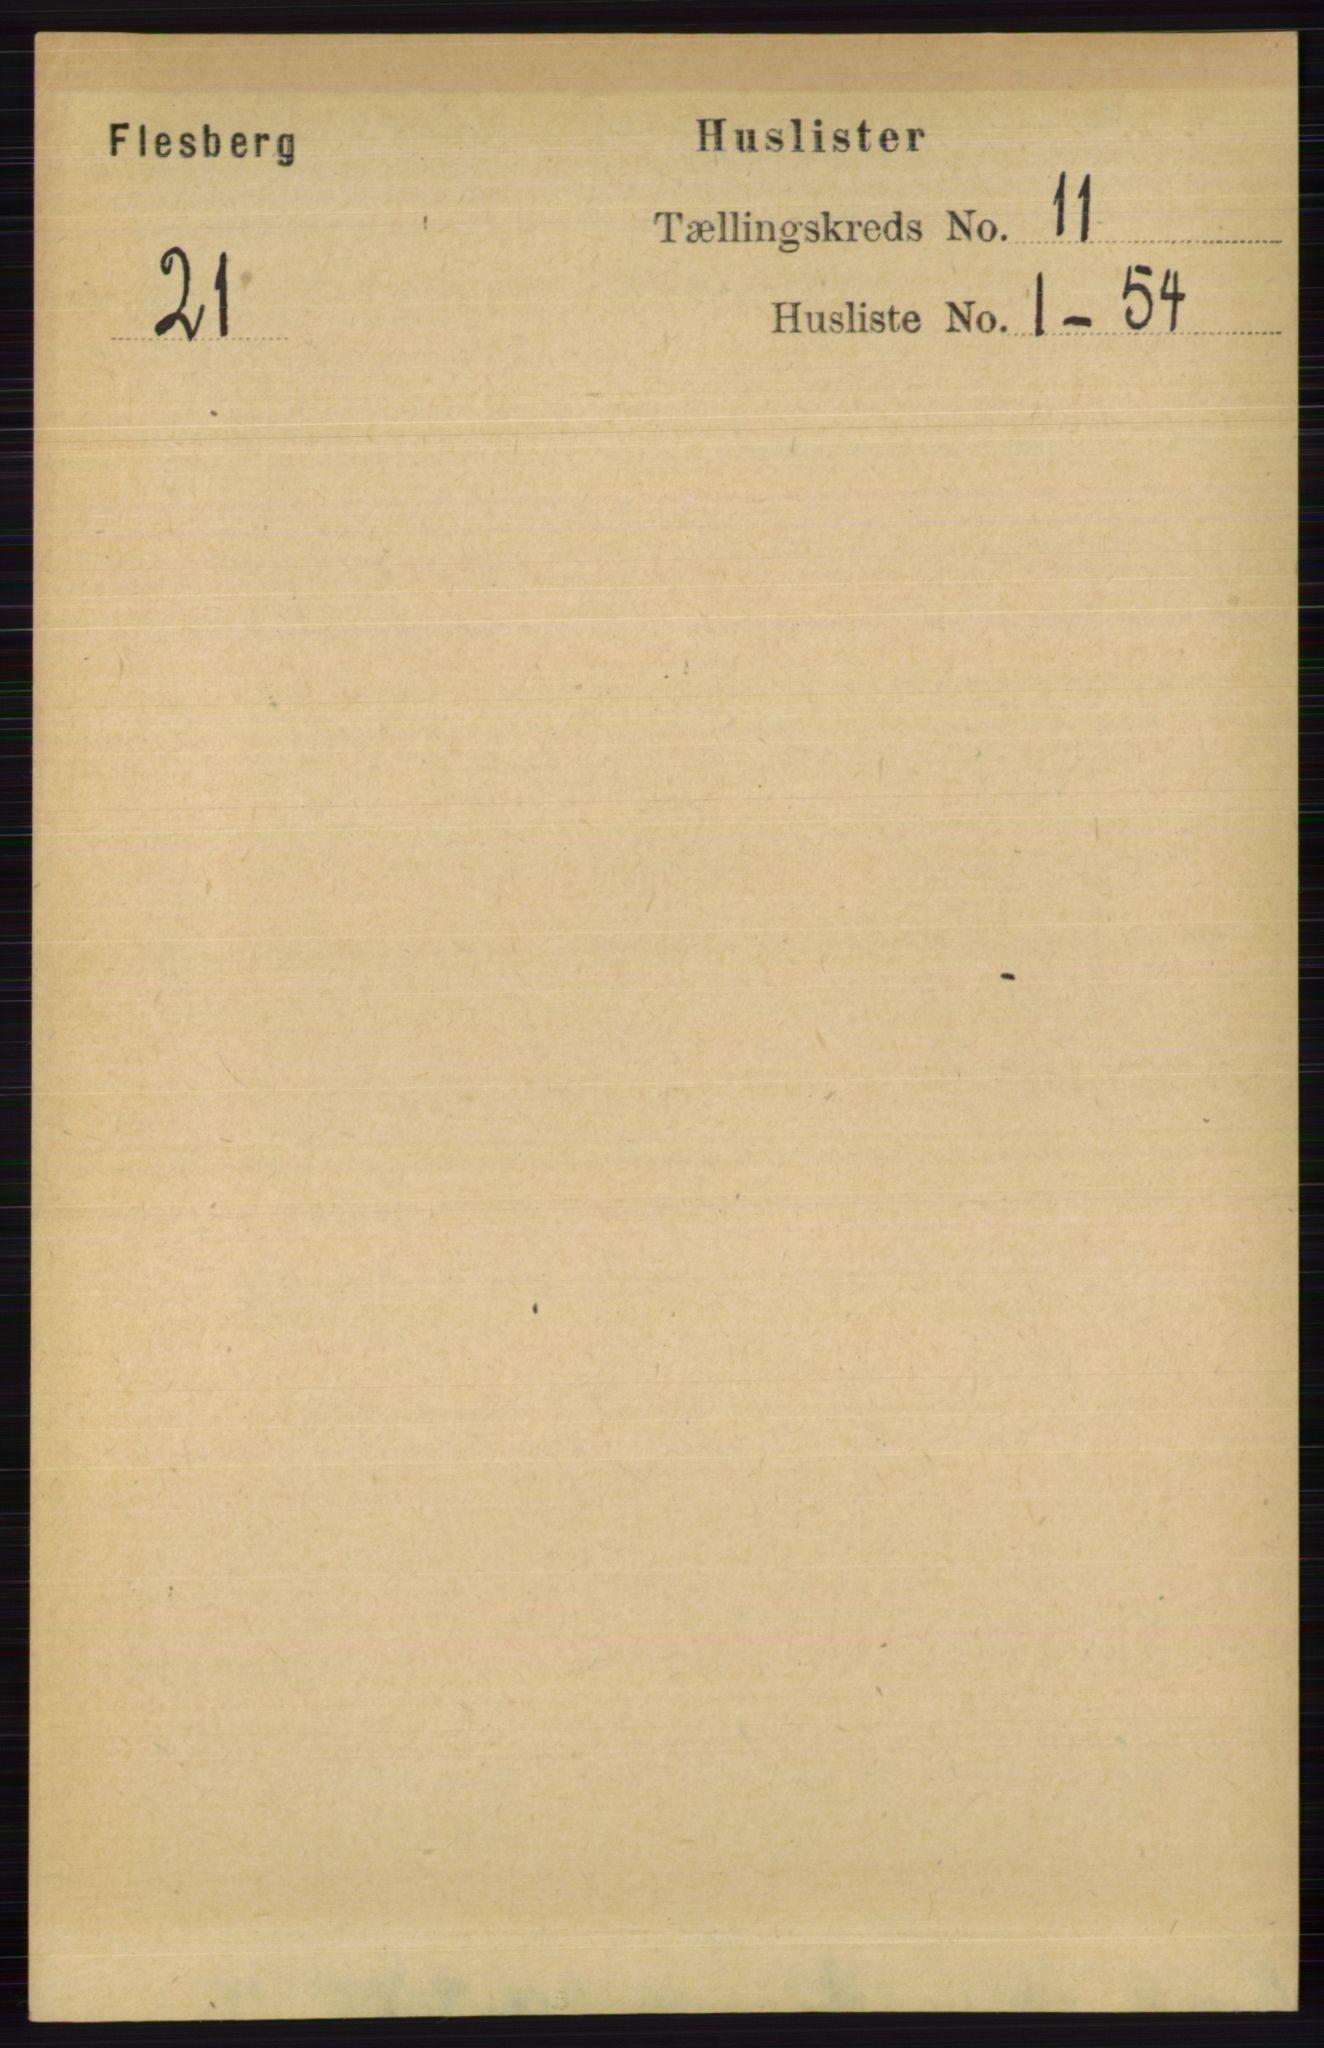 RA, Folketelling 1891 for 0631 Flesberg herred, 1891, s. 1718